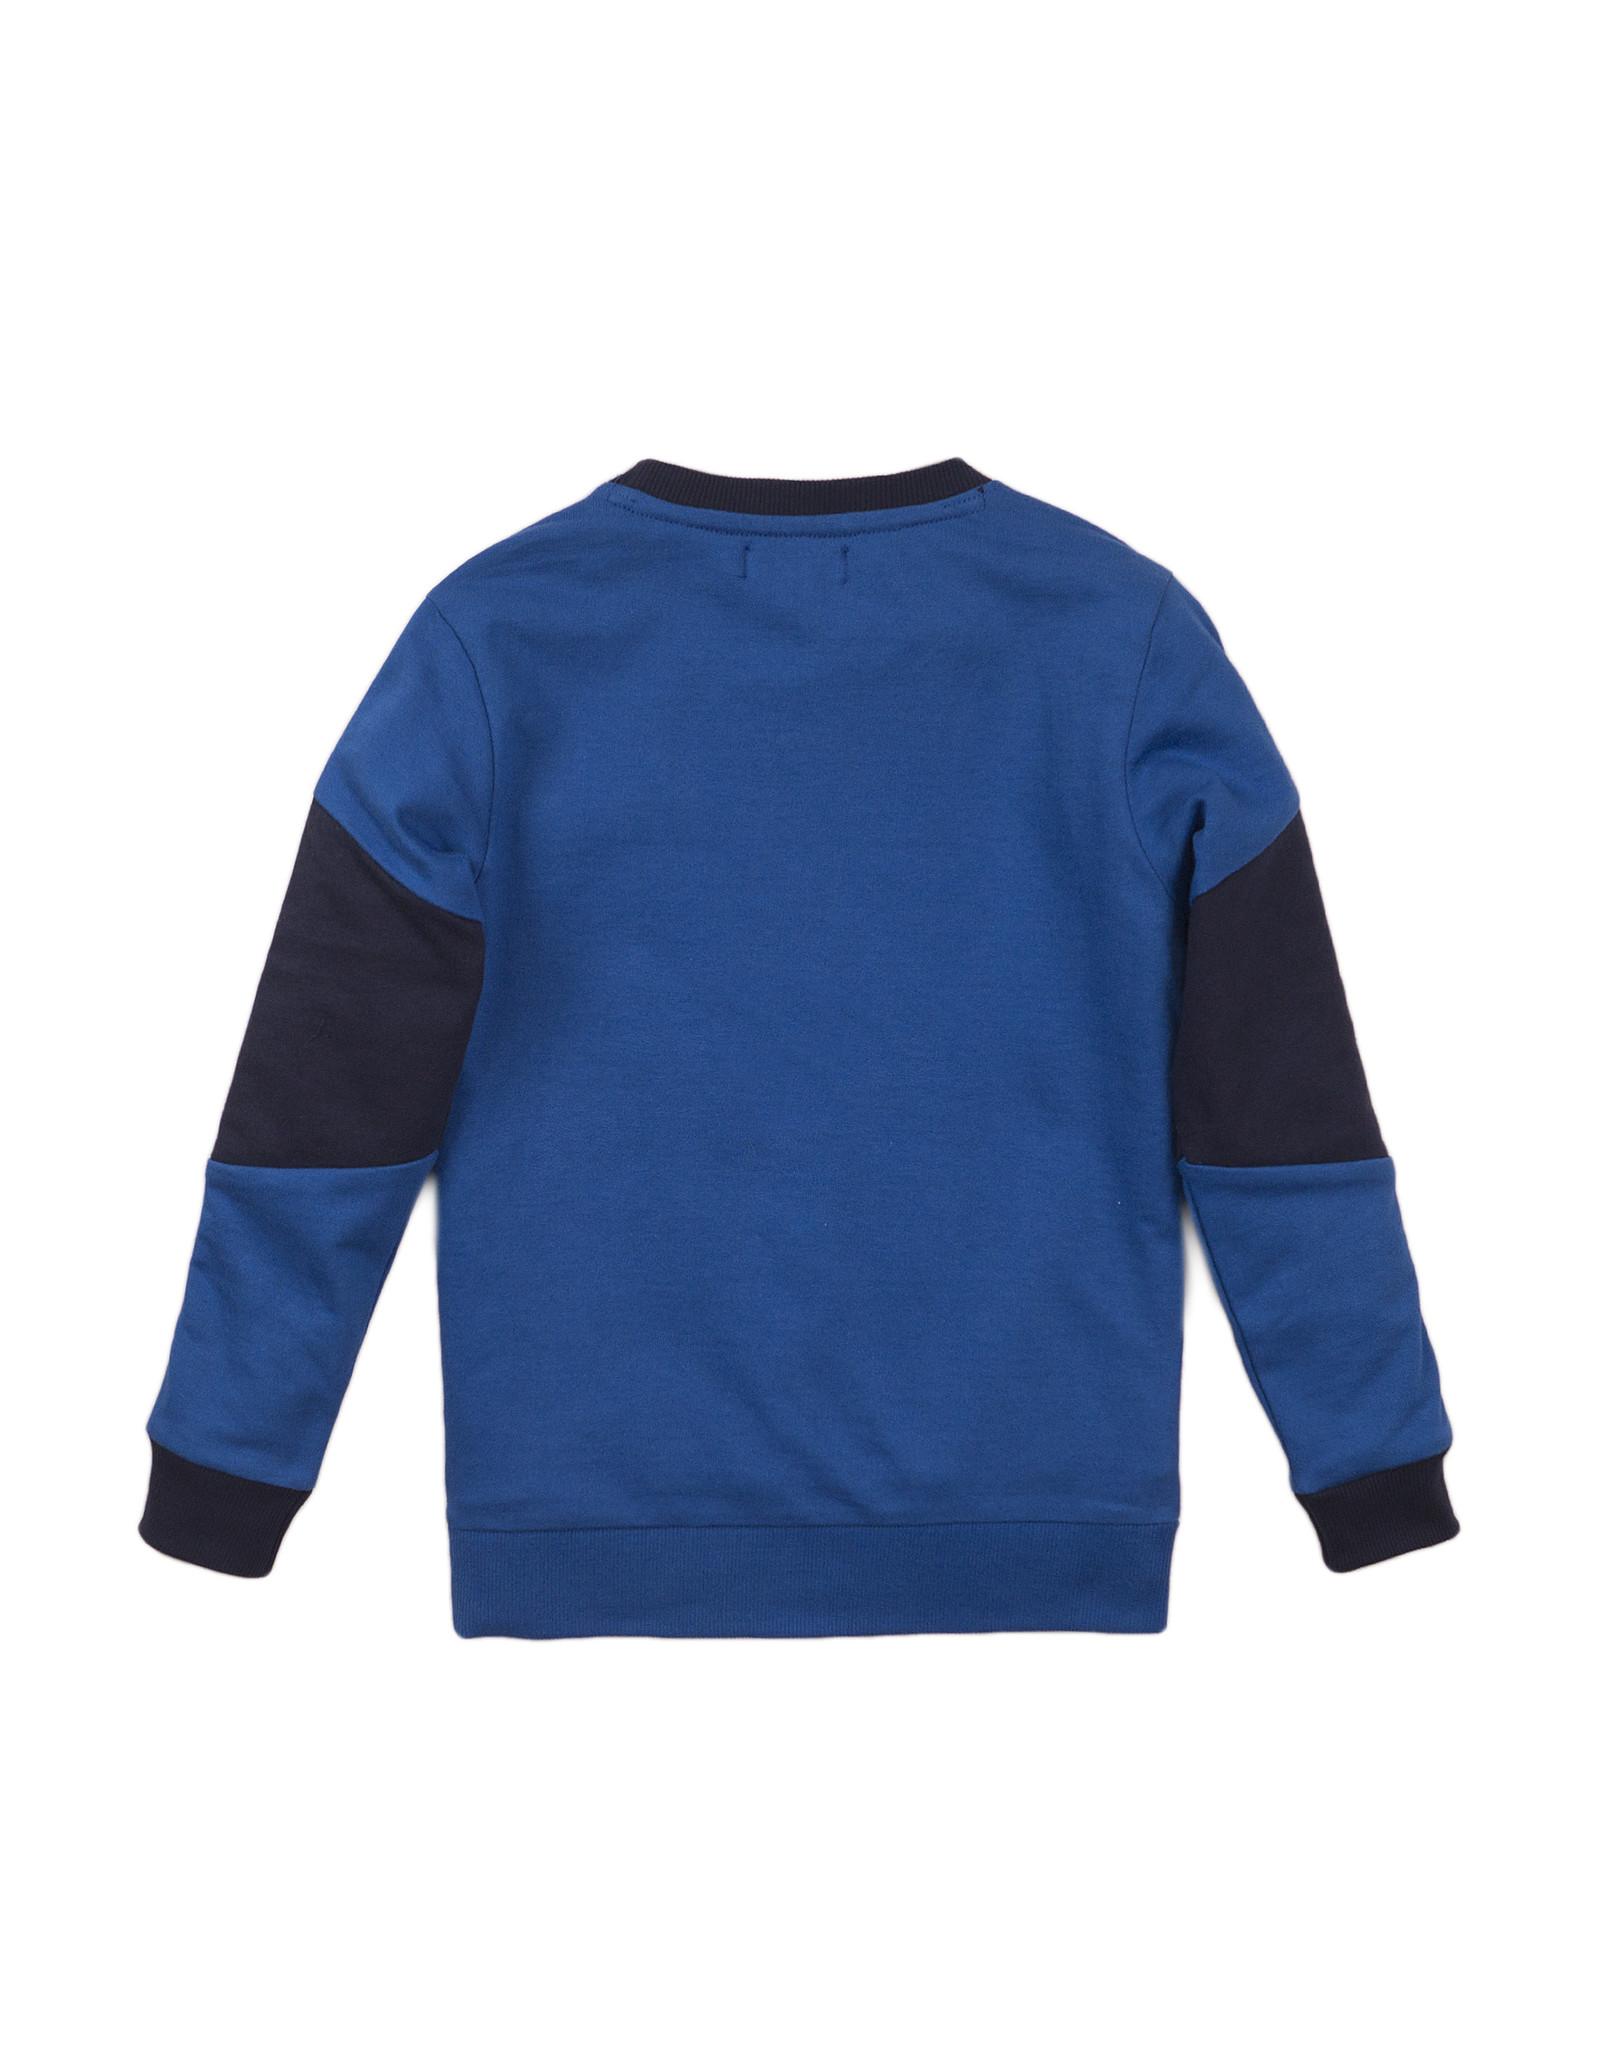 DJ Dutchjeans DJ Dutchjeans jongens sweater met bies op de arm Blue